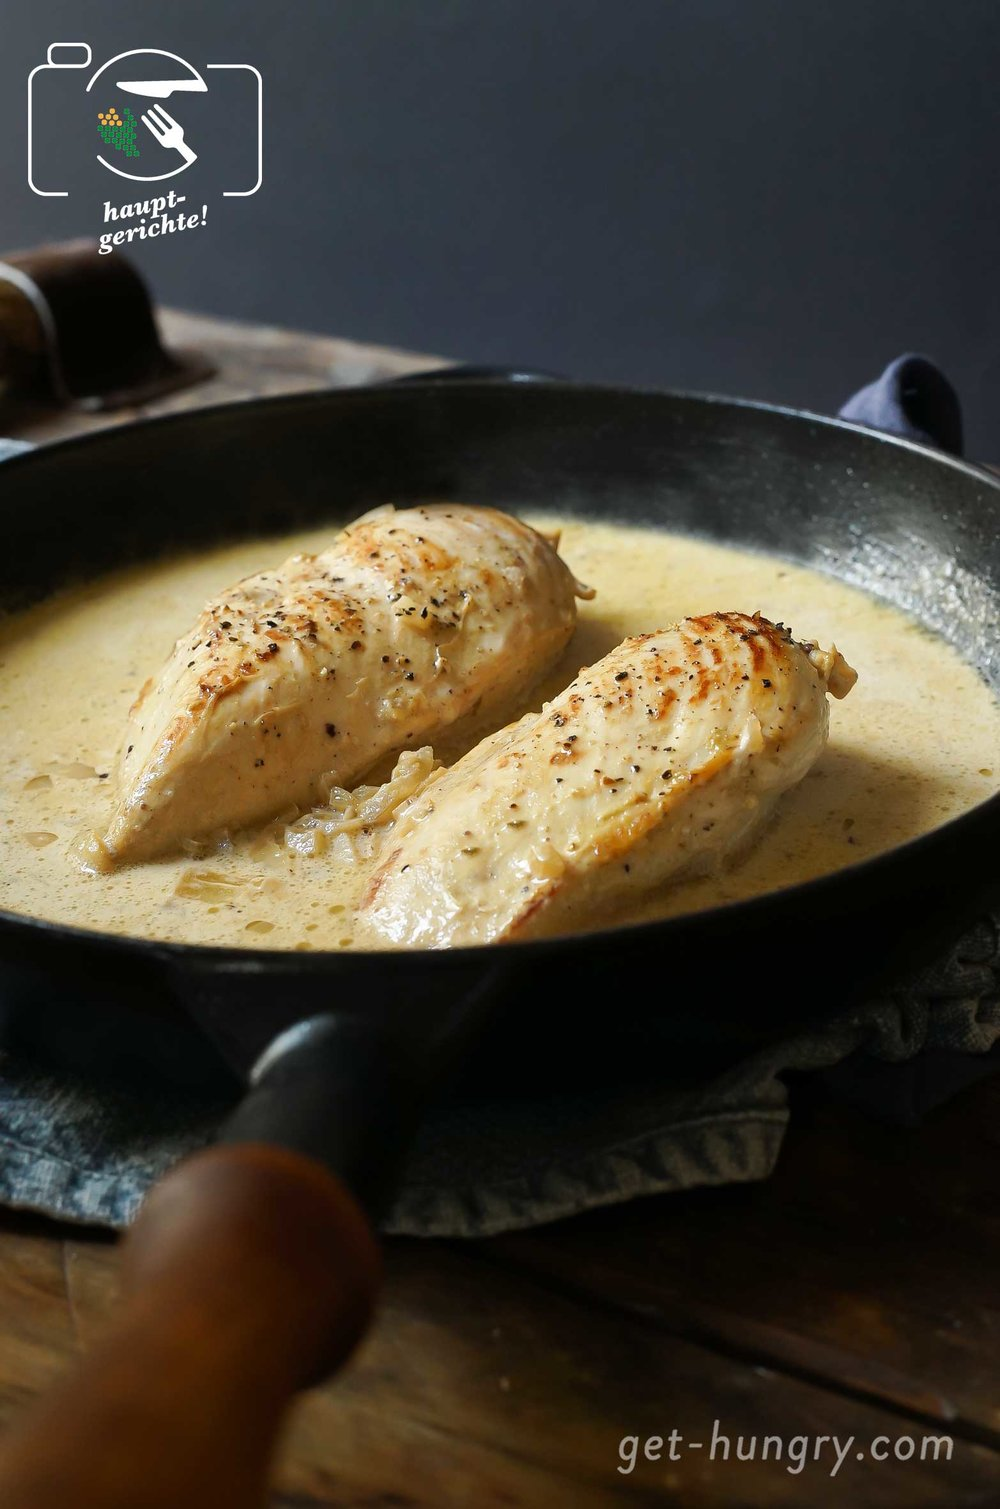 Blitzschnelle Weinbrand-Senf-Sauce für zartes Hühnerfilet